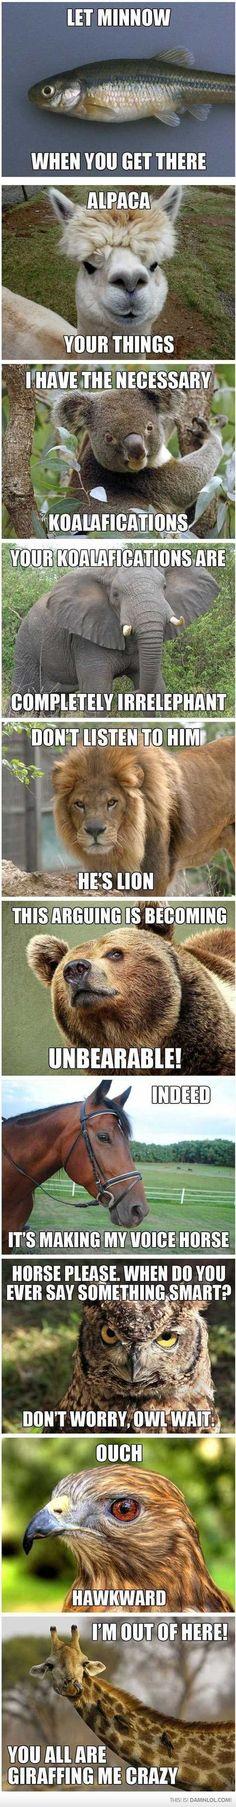 Animal puns!